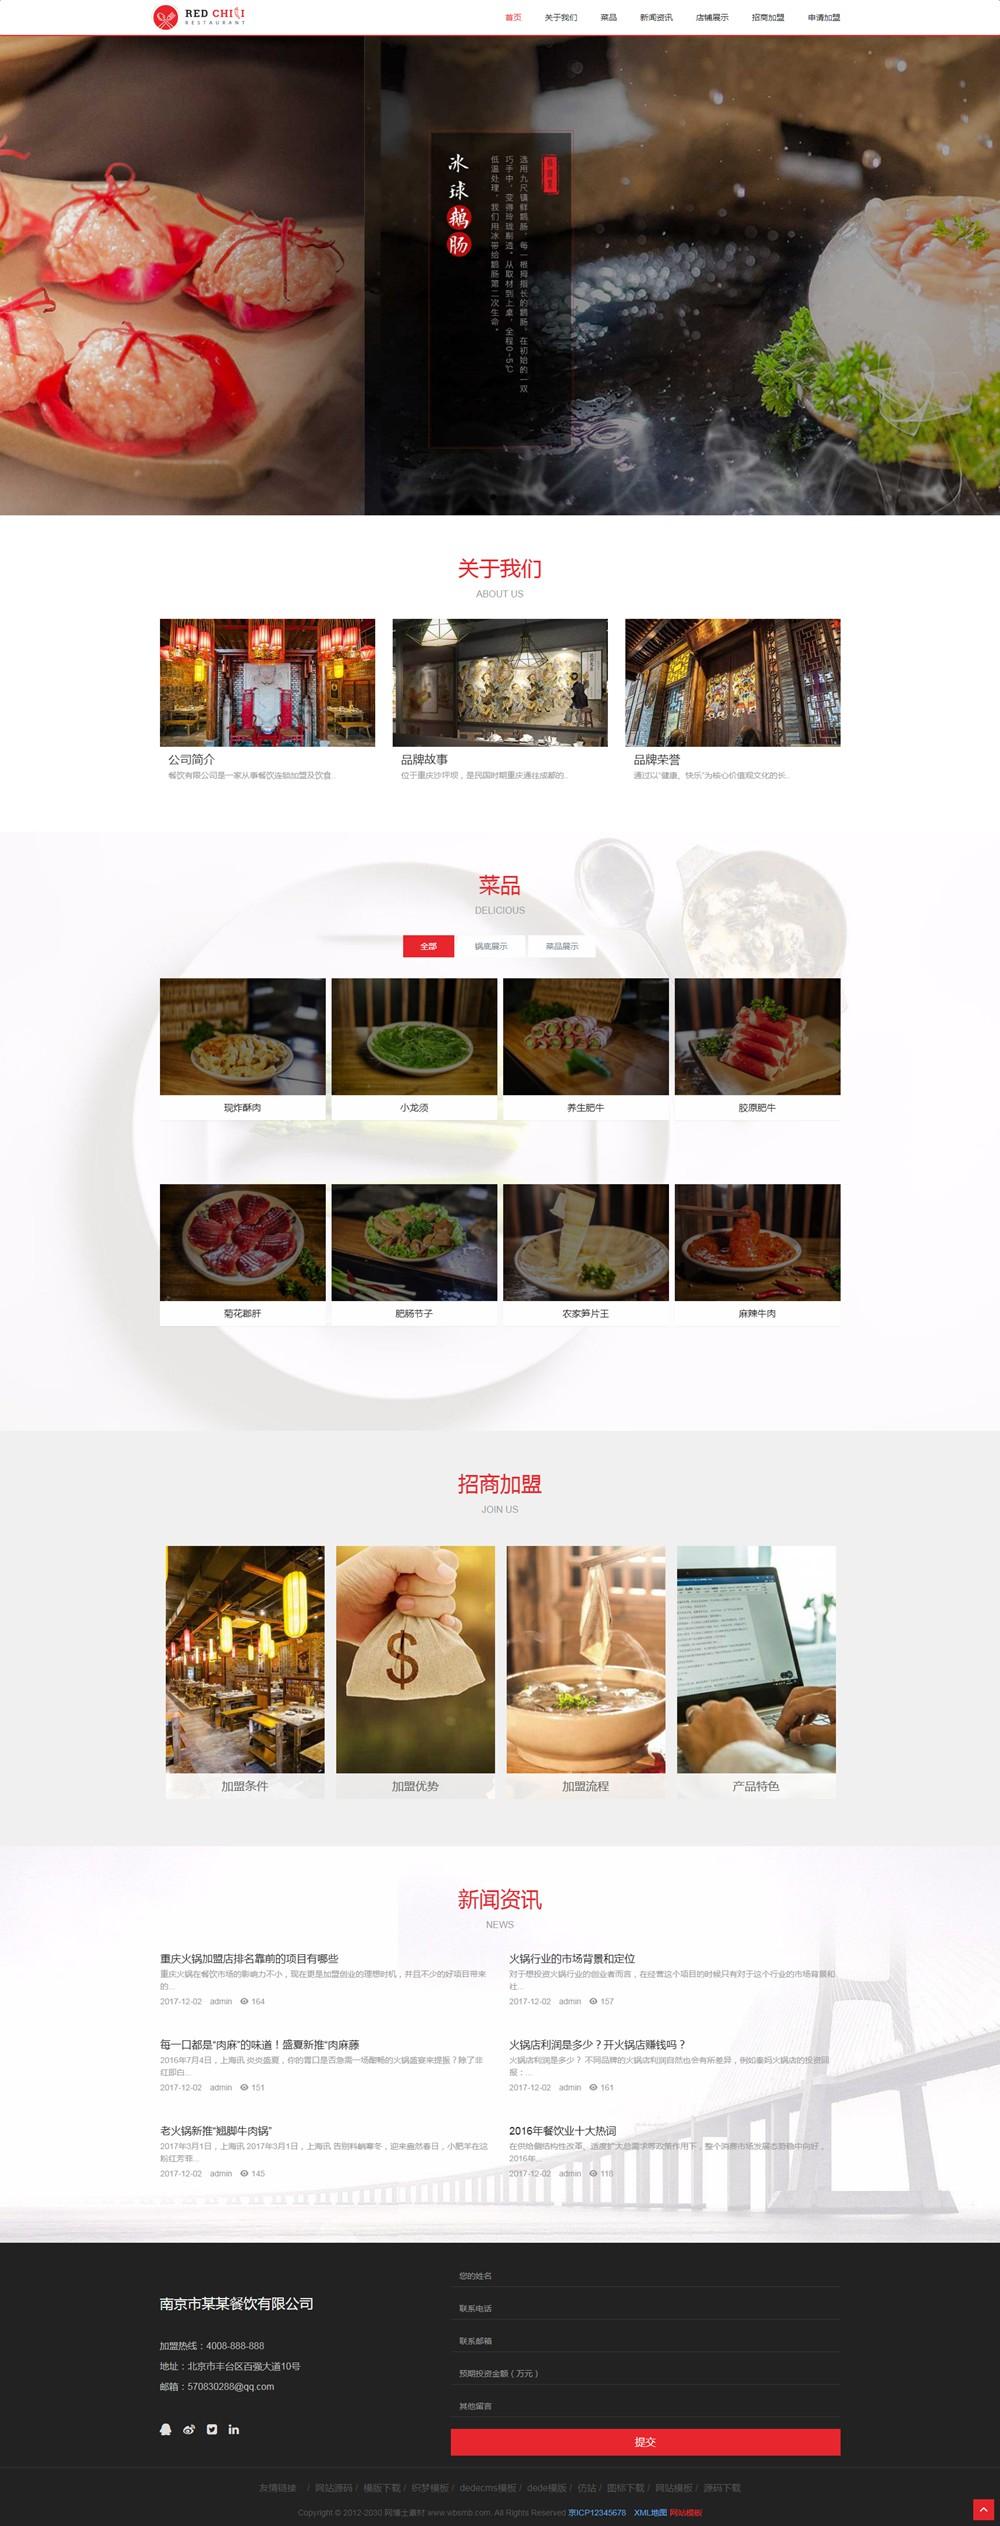 (自适应手机版)响应式餐饮美食加盟类网站织梦模板 HTML5餐饮加盟管理网站源码